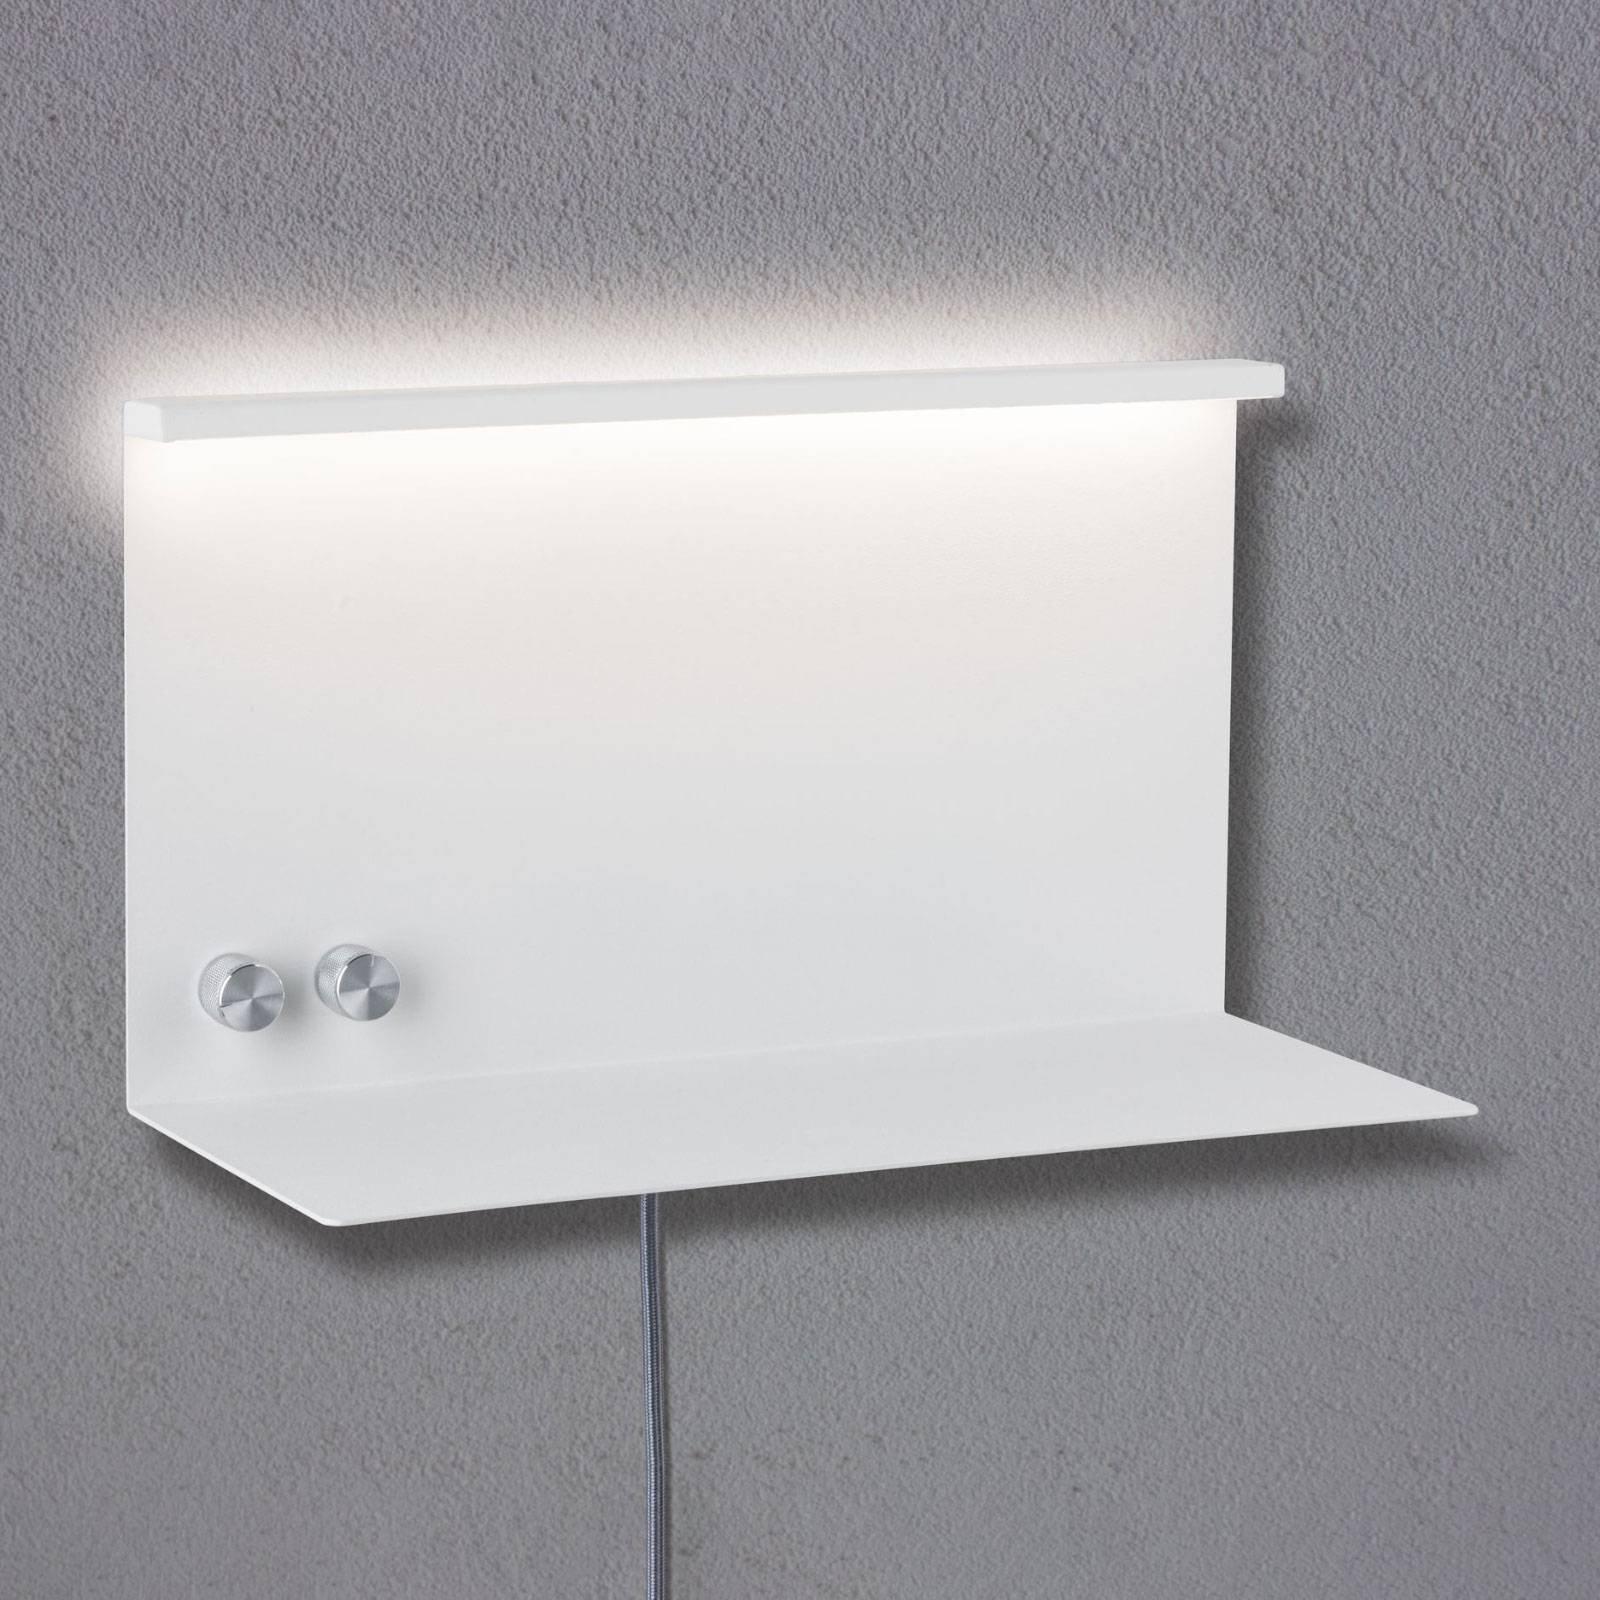 Paulmann Jarina LED-vegglampe 2 lyskilder